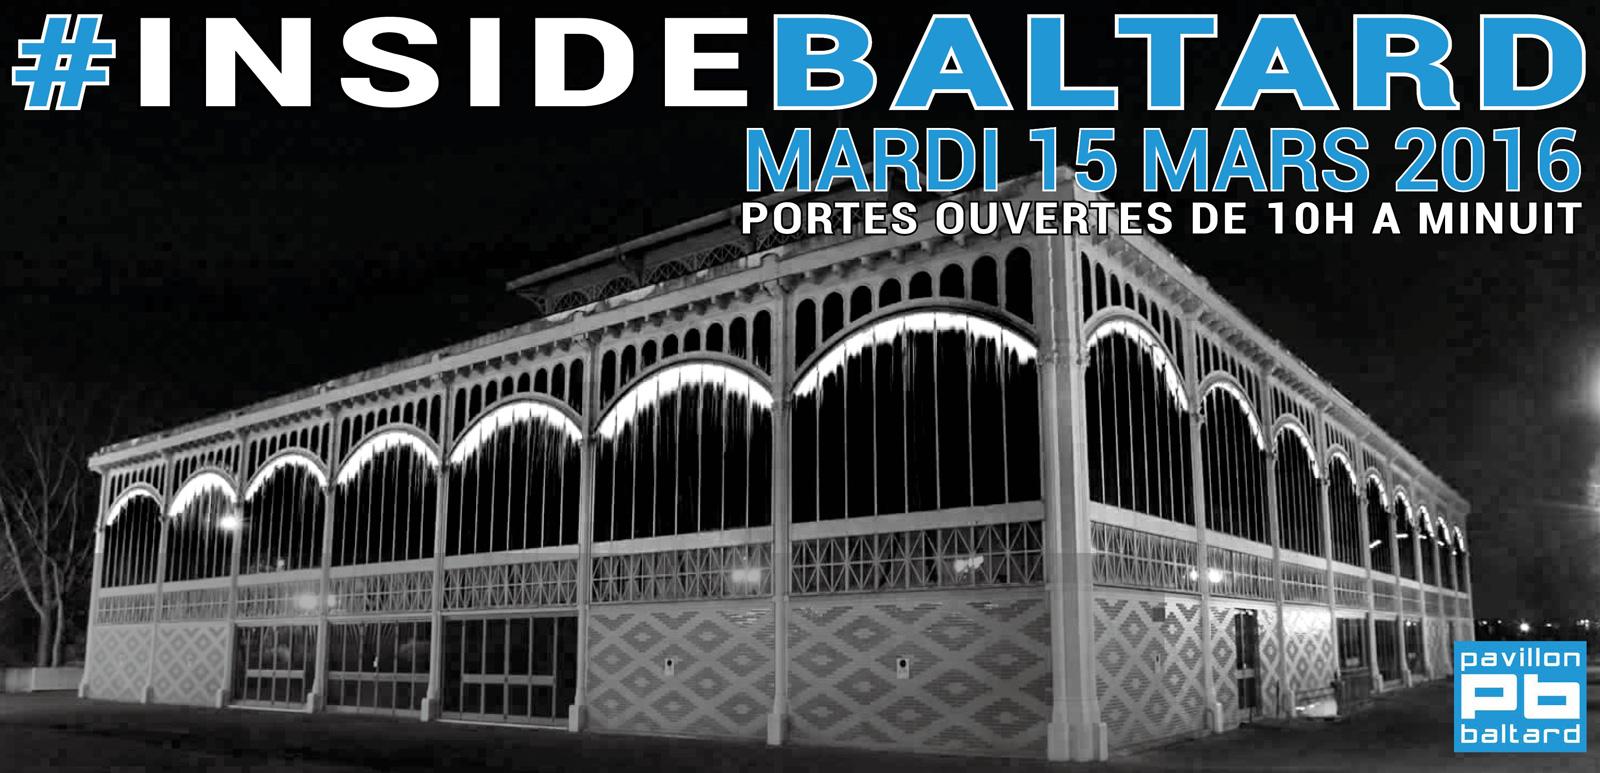 Journee portes ouvertes pavillon baltard novelty group - Porte ouverte mulhouse culte en ligne ...